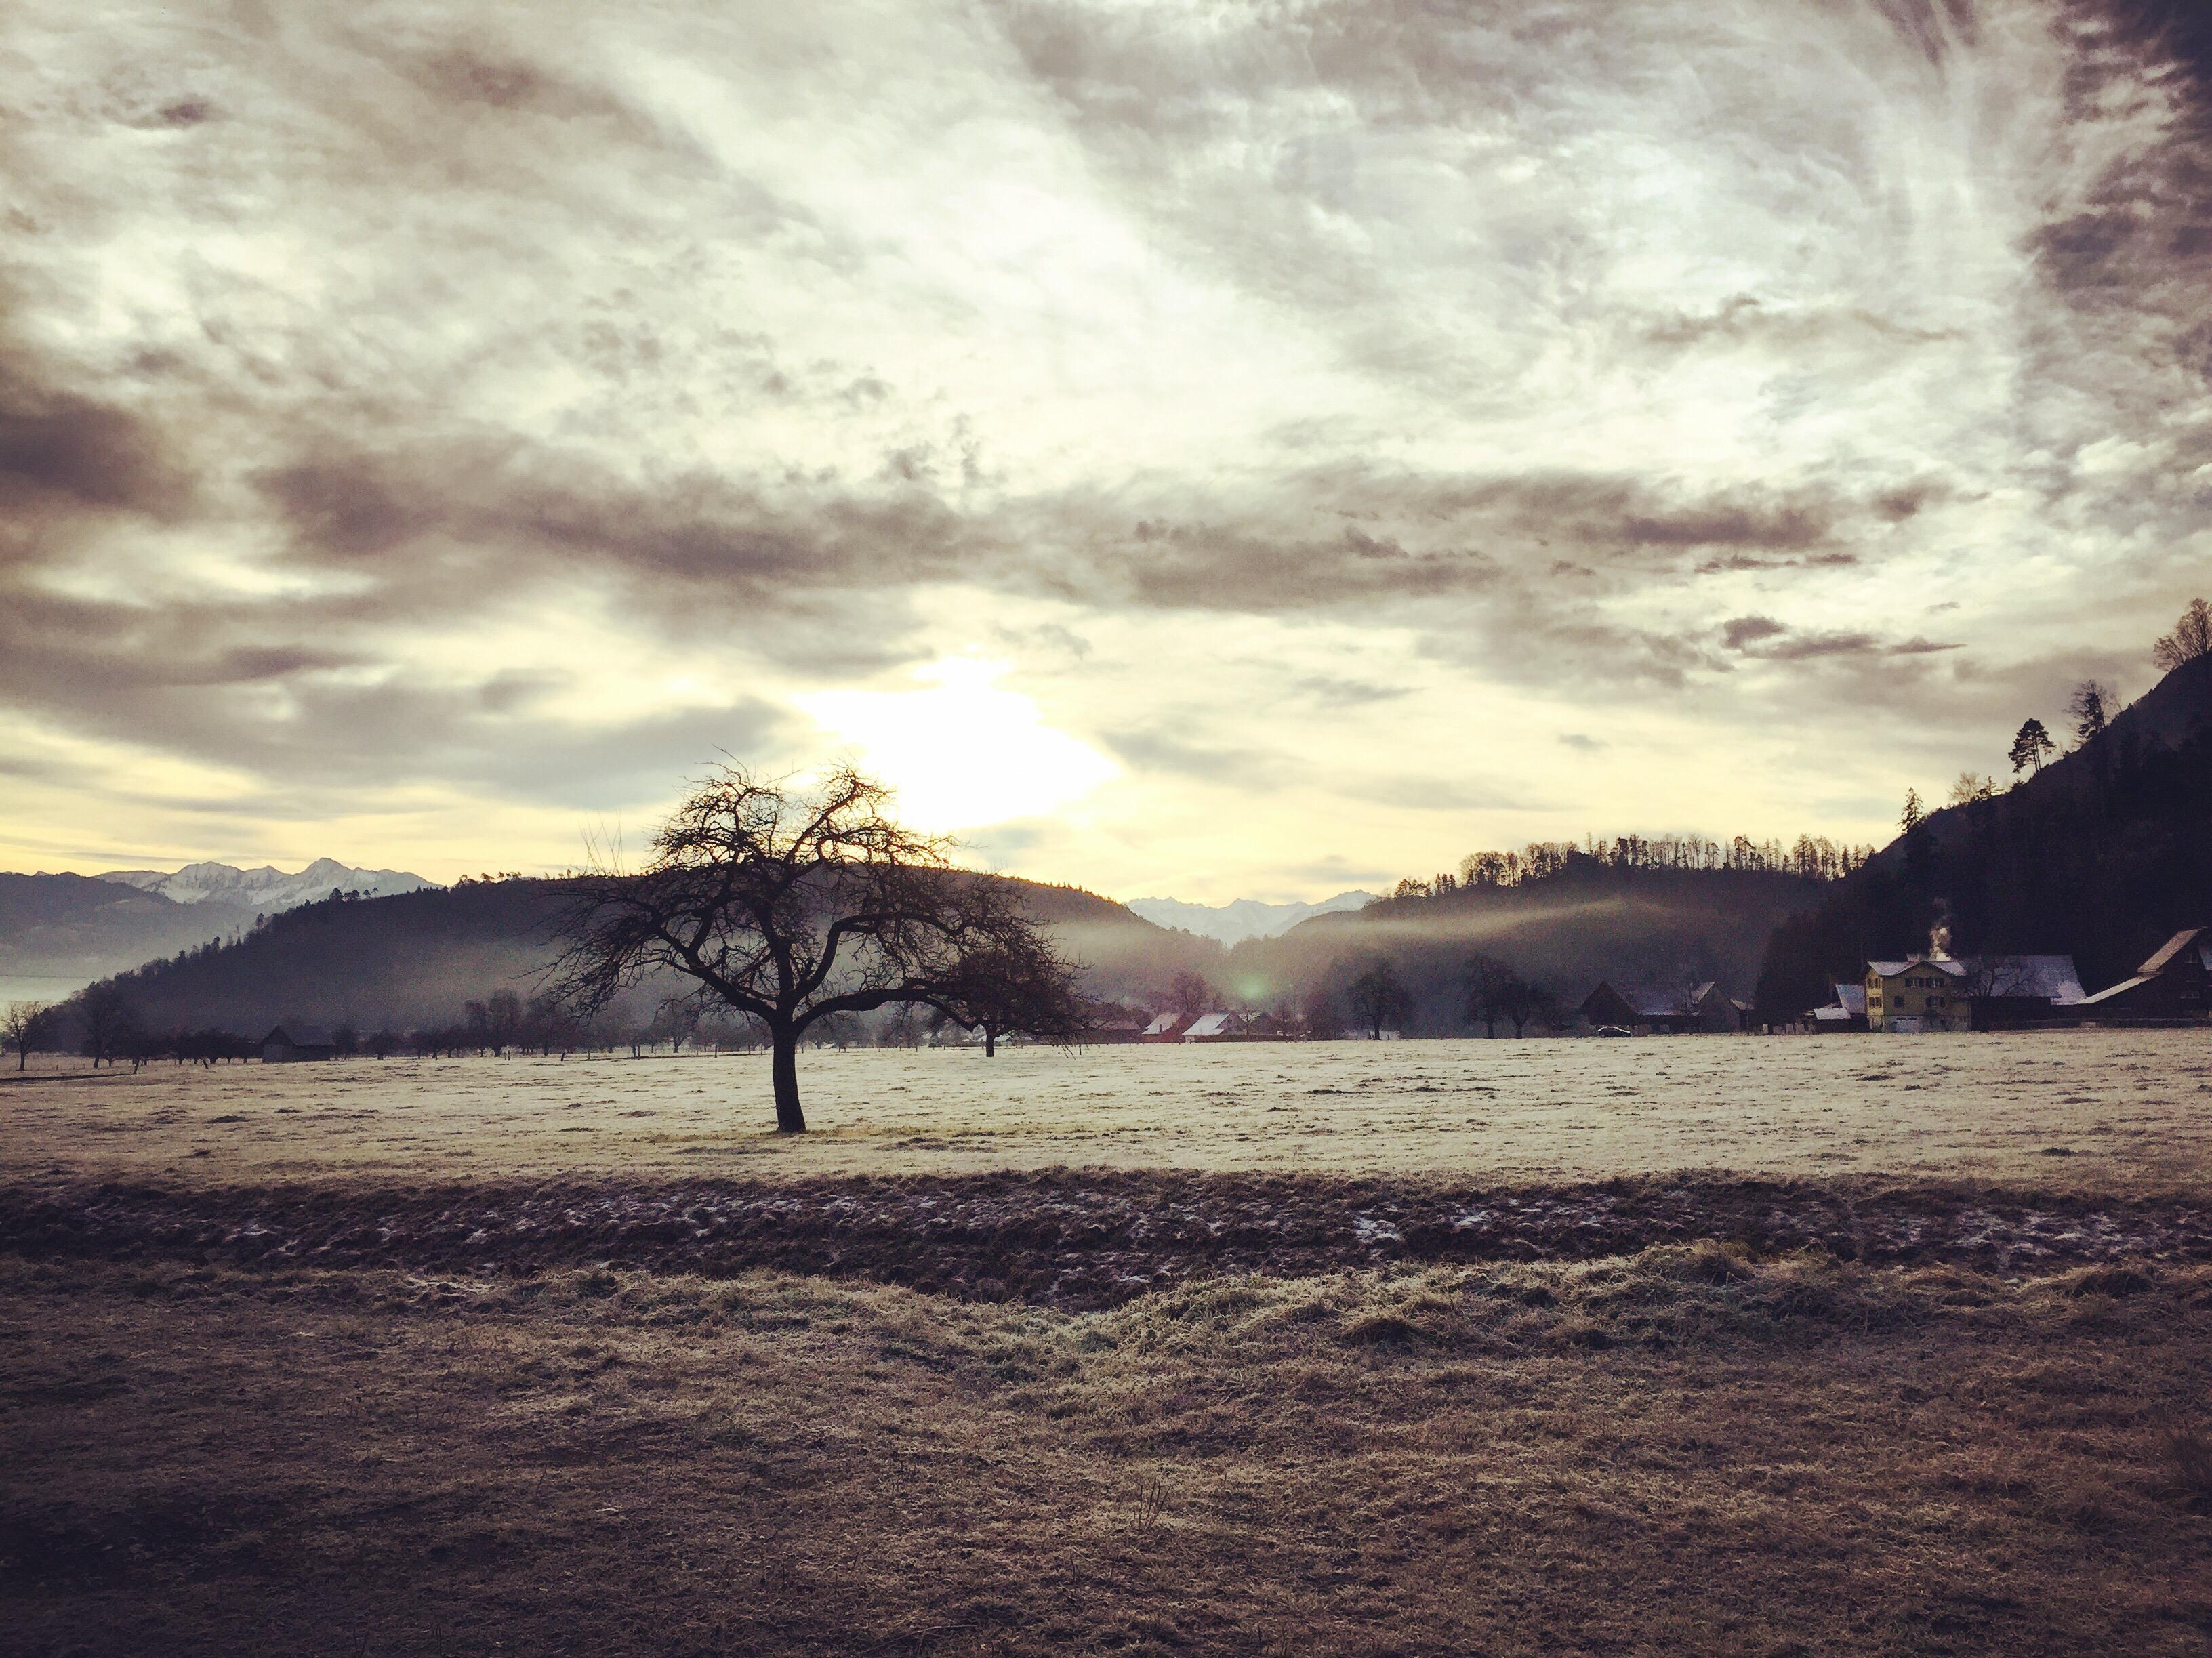 Dinsdagochtend ga ik weer wandelen met Liza. Het is iets kouder dan maandag en het land is dan ook wit. Zo mooi weer. Ik geniet daar echt van.